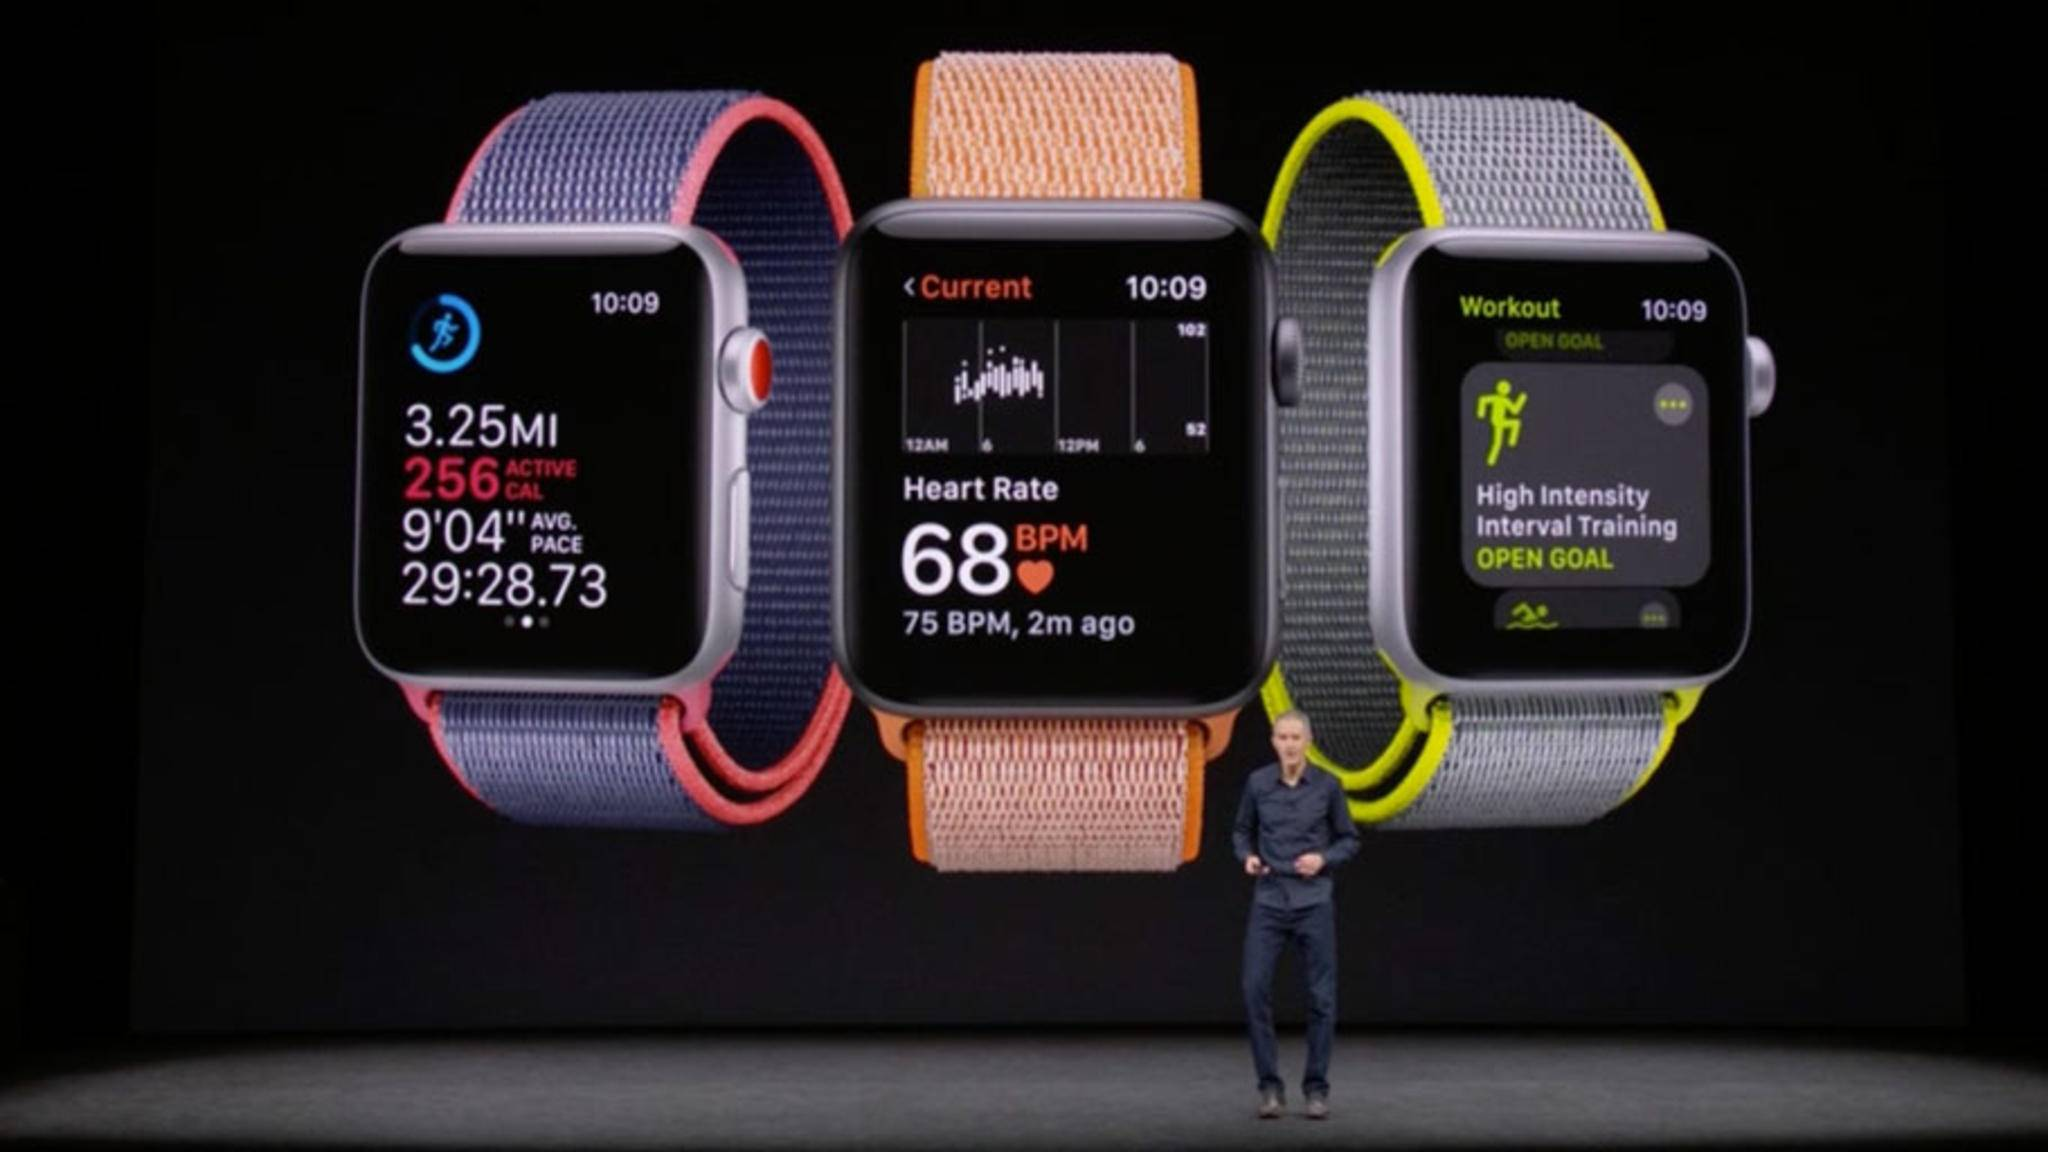 Die neuen Features der Heartrate-App fanden bei der Präsentation der Apple Watch Series 3 wenig Beachtung – und sind dennoch einen Blick wert.